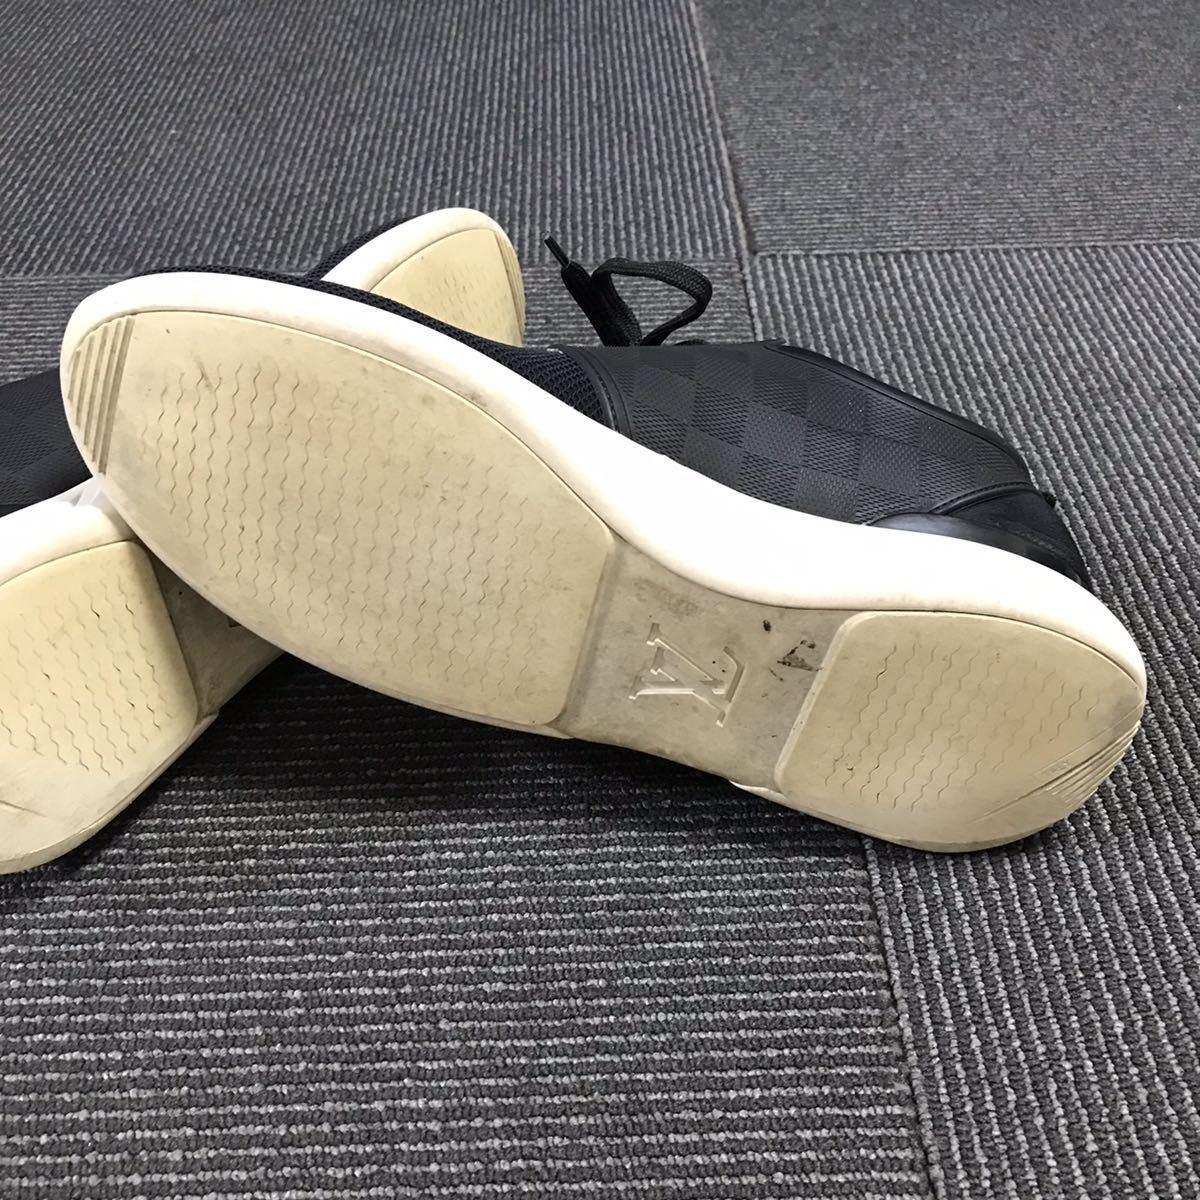 【ルイヴィトン】本物 LOUIS VUITTON 靴 25.5cm 黒 ダミエライン ファストレーン スニーカー カジュアルシューズ レザー×PVC メンズ 6 1/2_画像5